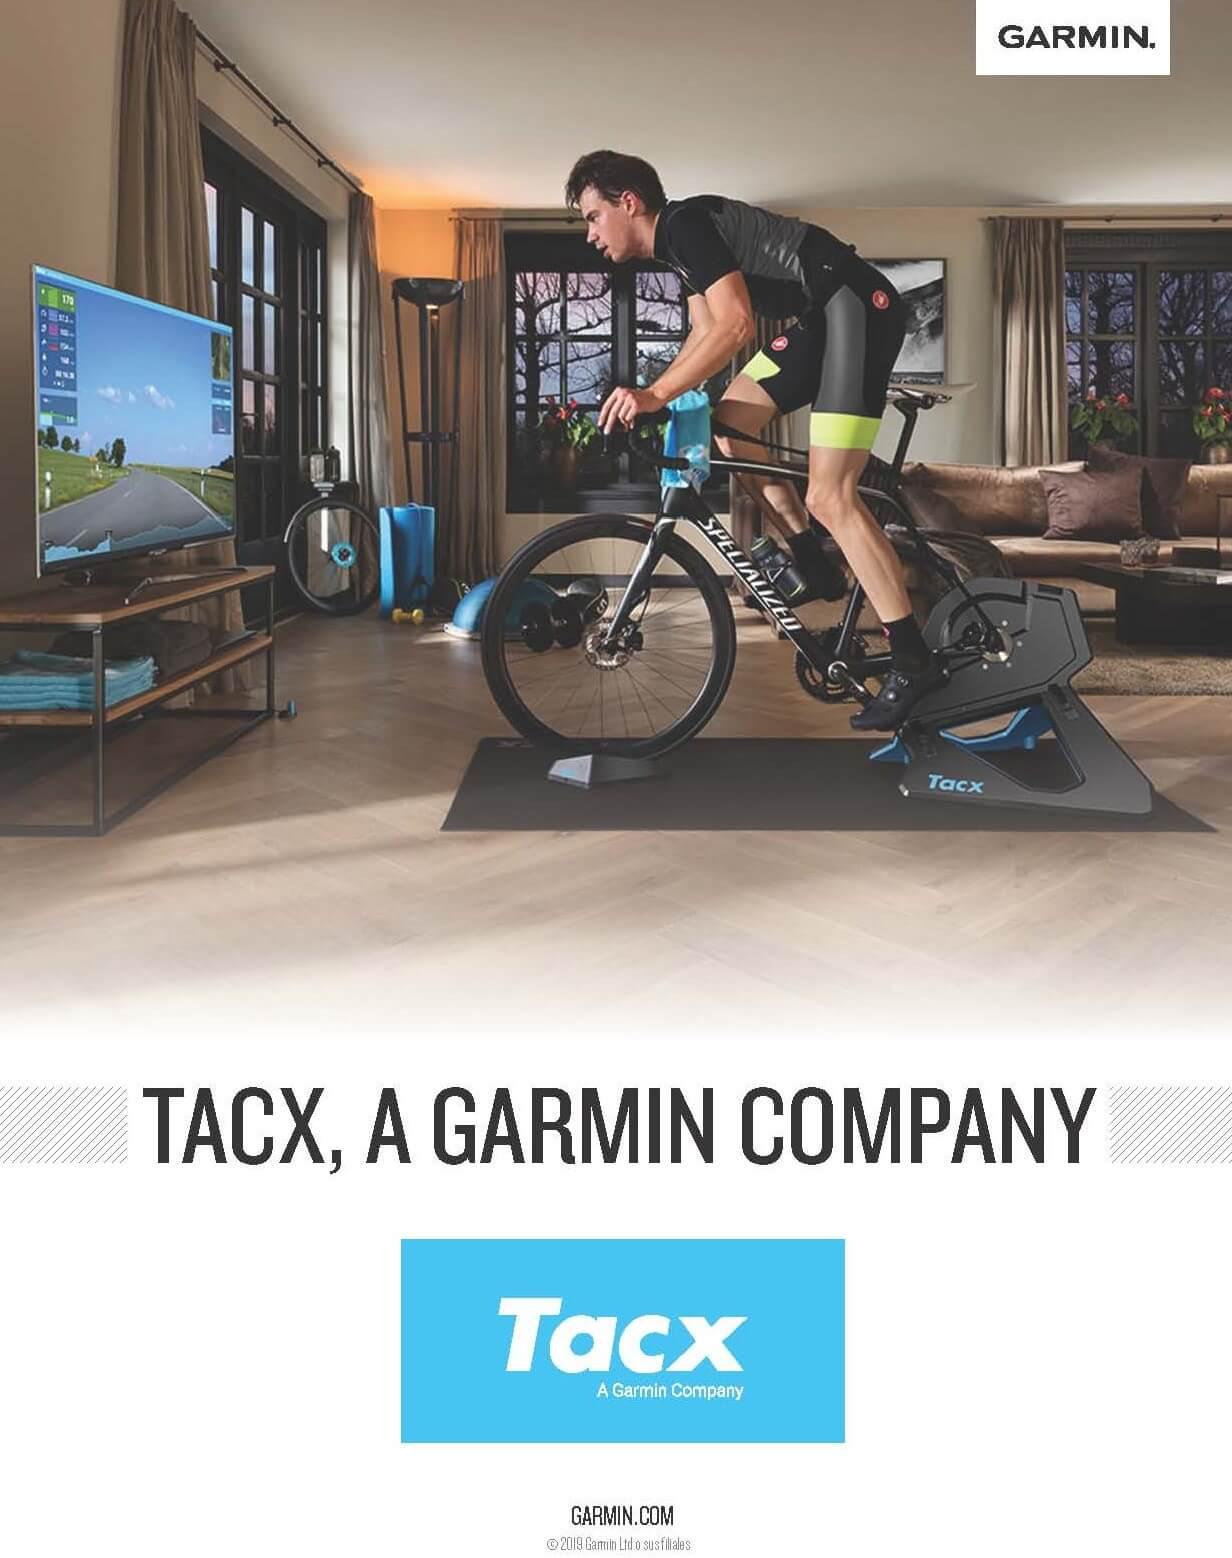 Garmin asume la distribución, servicio y soporte de los productos Tacx